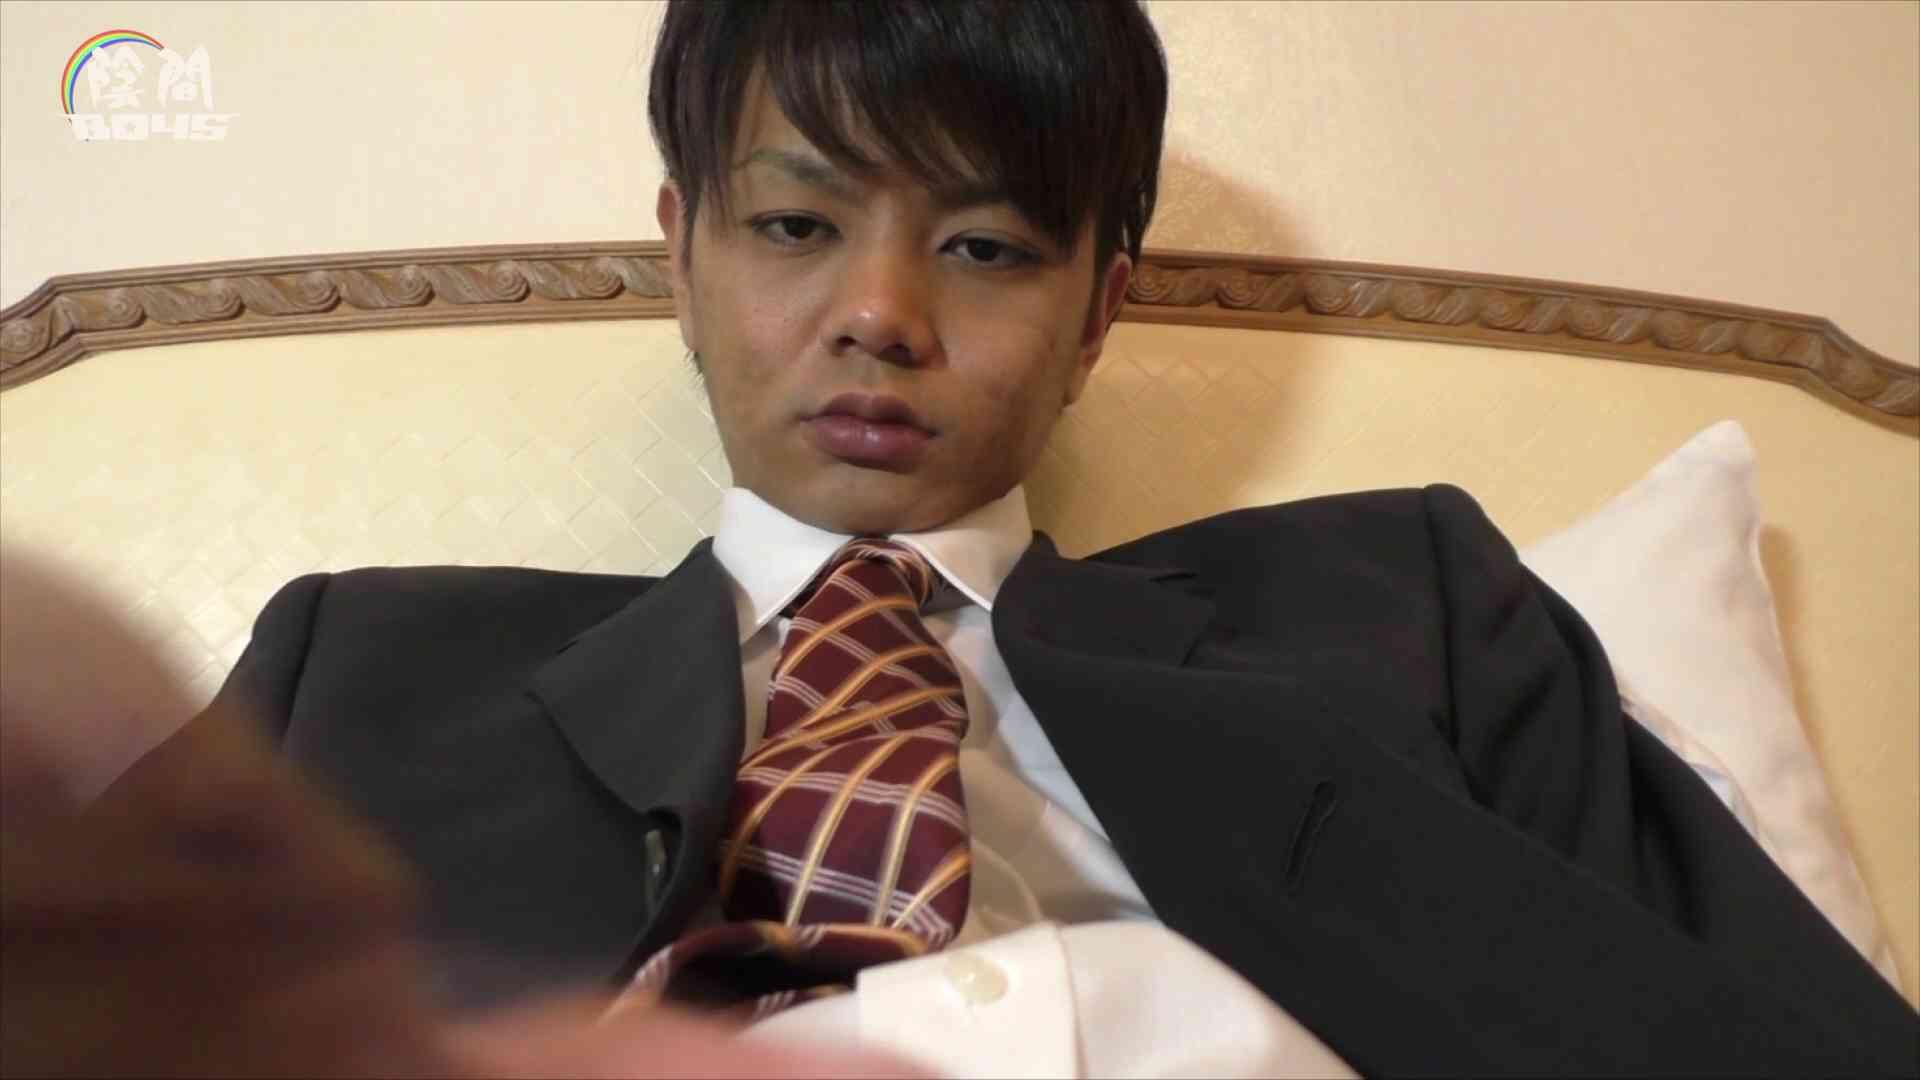 陰間BOYS~キャバクラの仕事はアナルから4 Vol.01 アナル ゲイザーメン画像 82枚 18